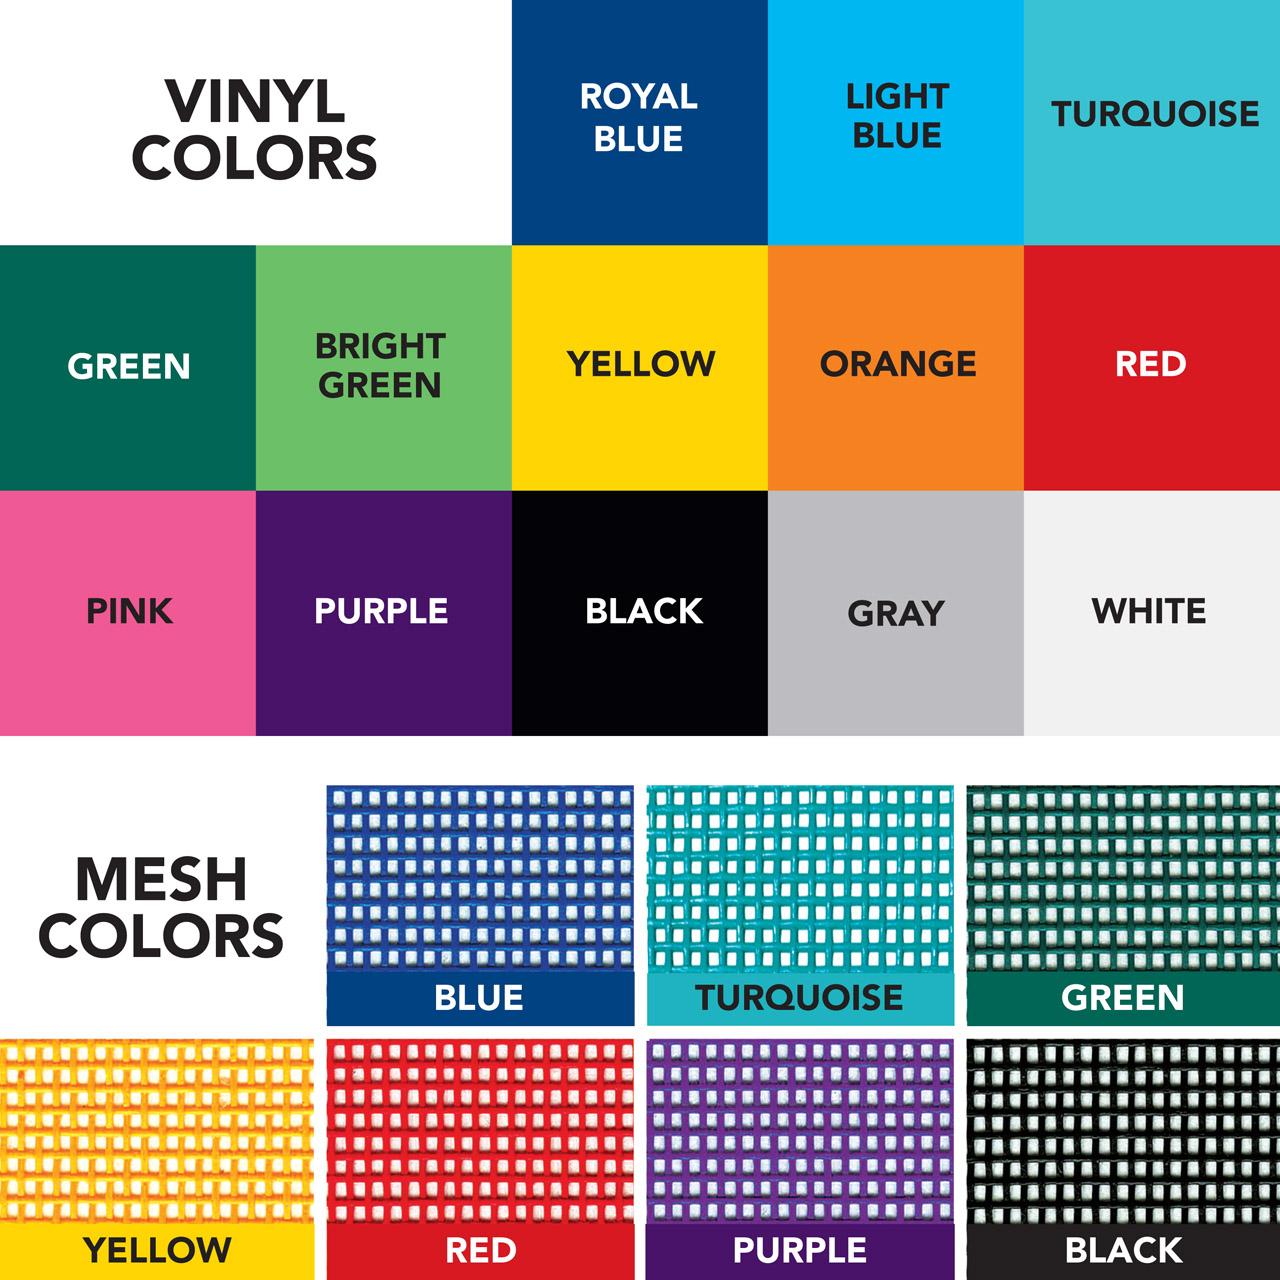 colorswatch020719.jpg